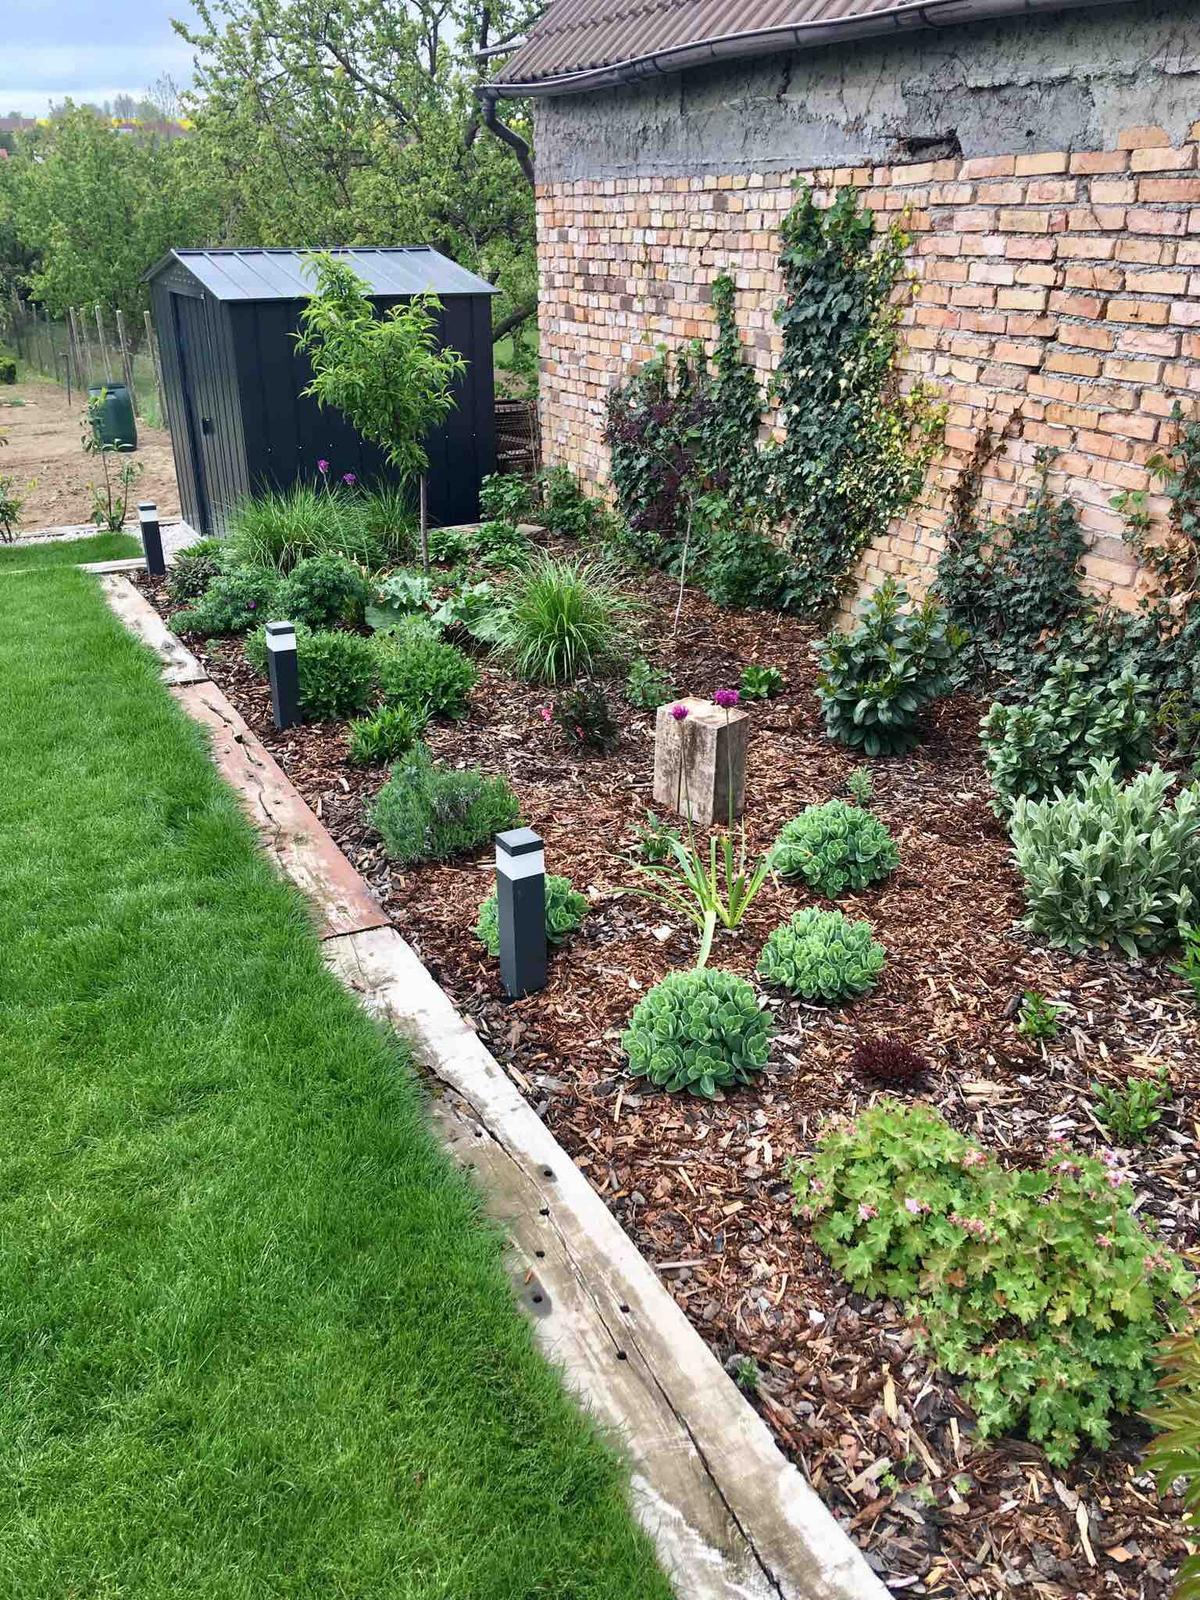 Názov stavby 3 - in da garden - ...nech už tá kôra nie je vidieť.Pakosty, gaura, floxy, šalvie, levanduľa, vajgela, agastache, astry, rebarbora, bergénia, vavrínovce, aronia, krásnoočká, lychnis, cesnaky....